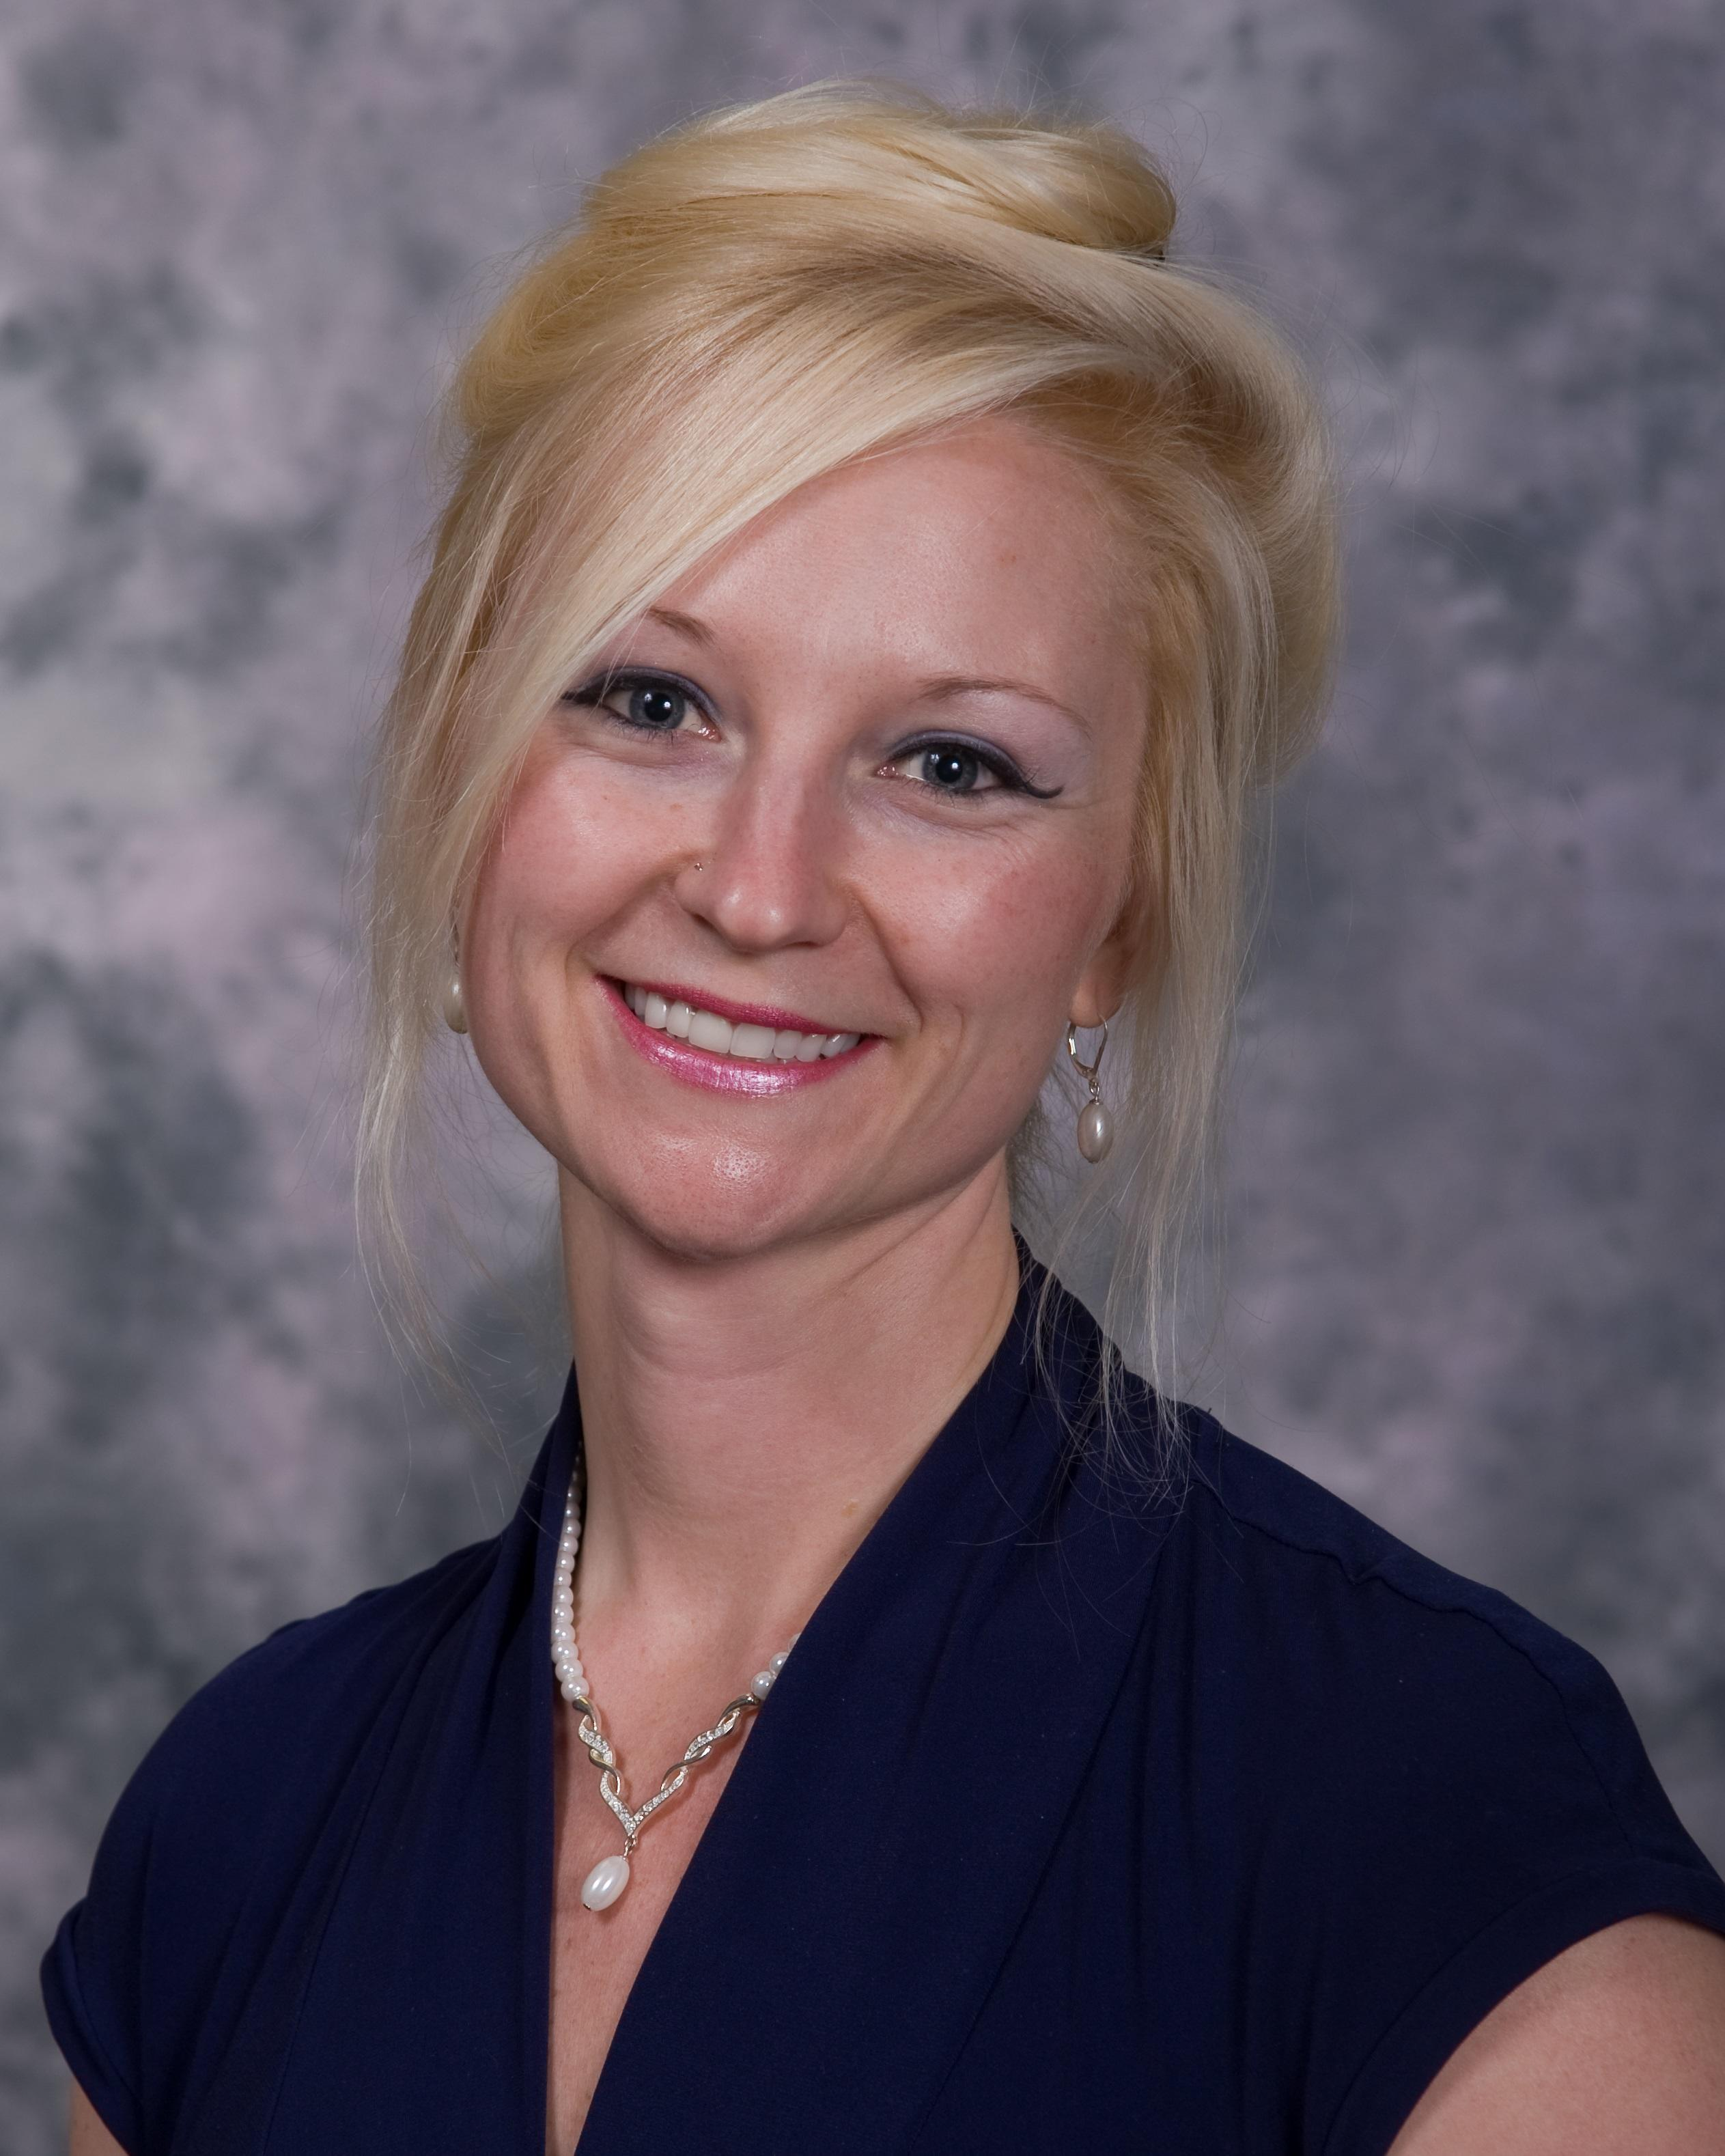 Allstate Agent Sign In >> Allstate Insurance Agent: Michelle Johnson - 12484 La ...